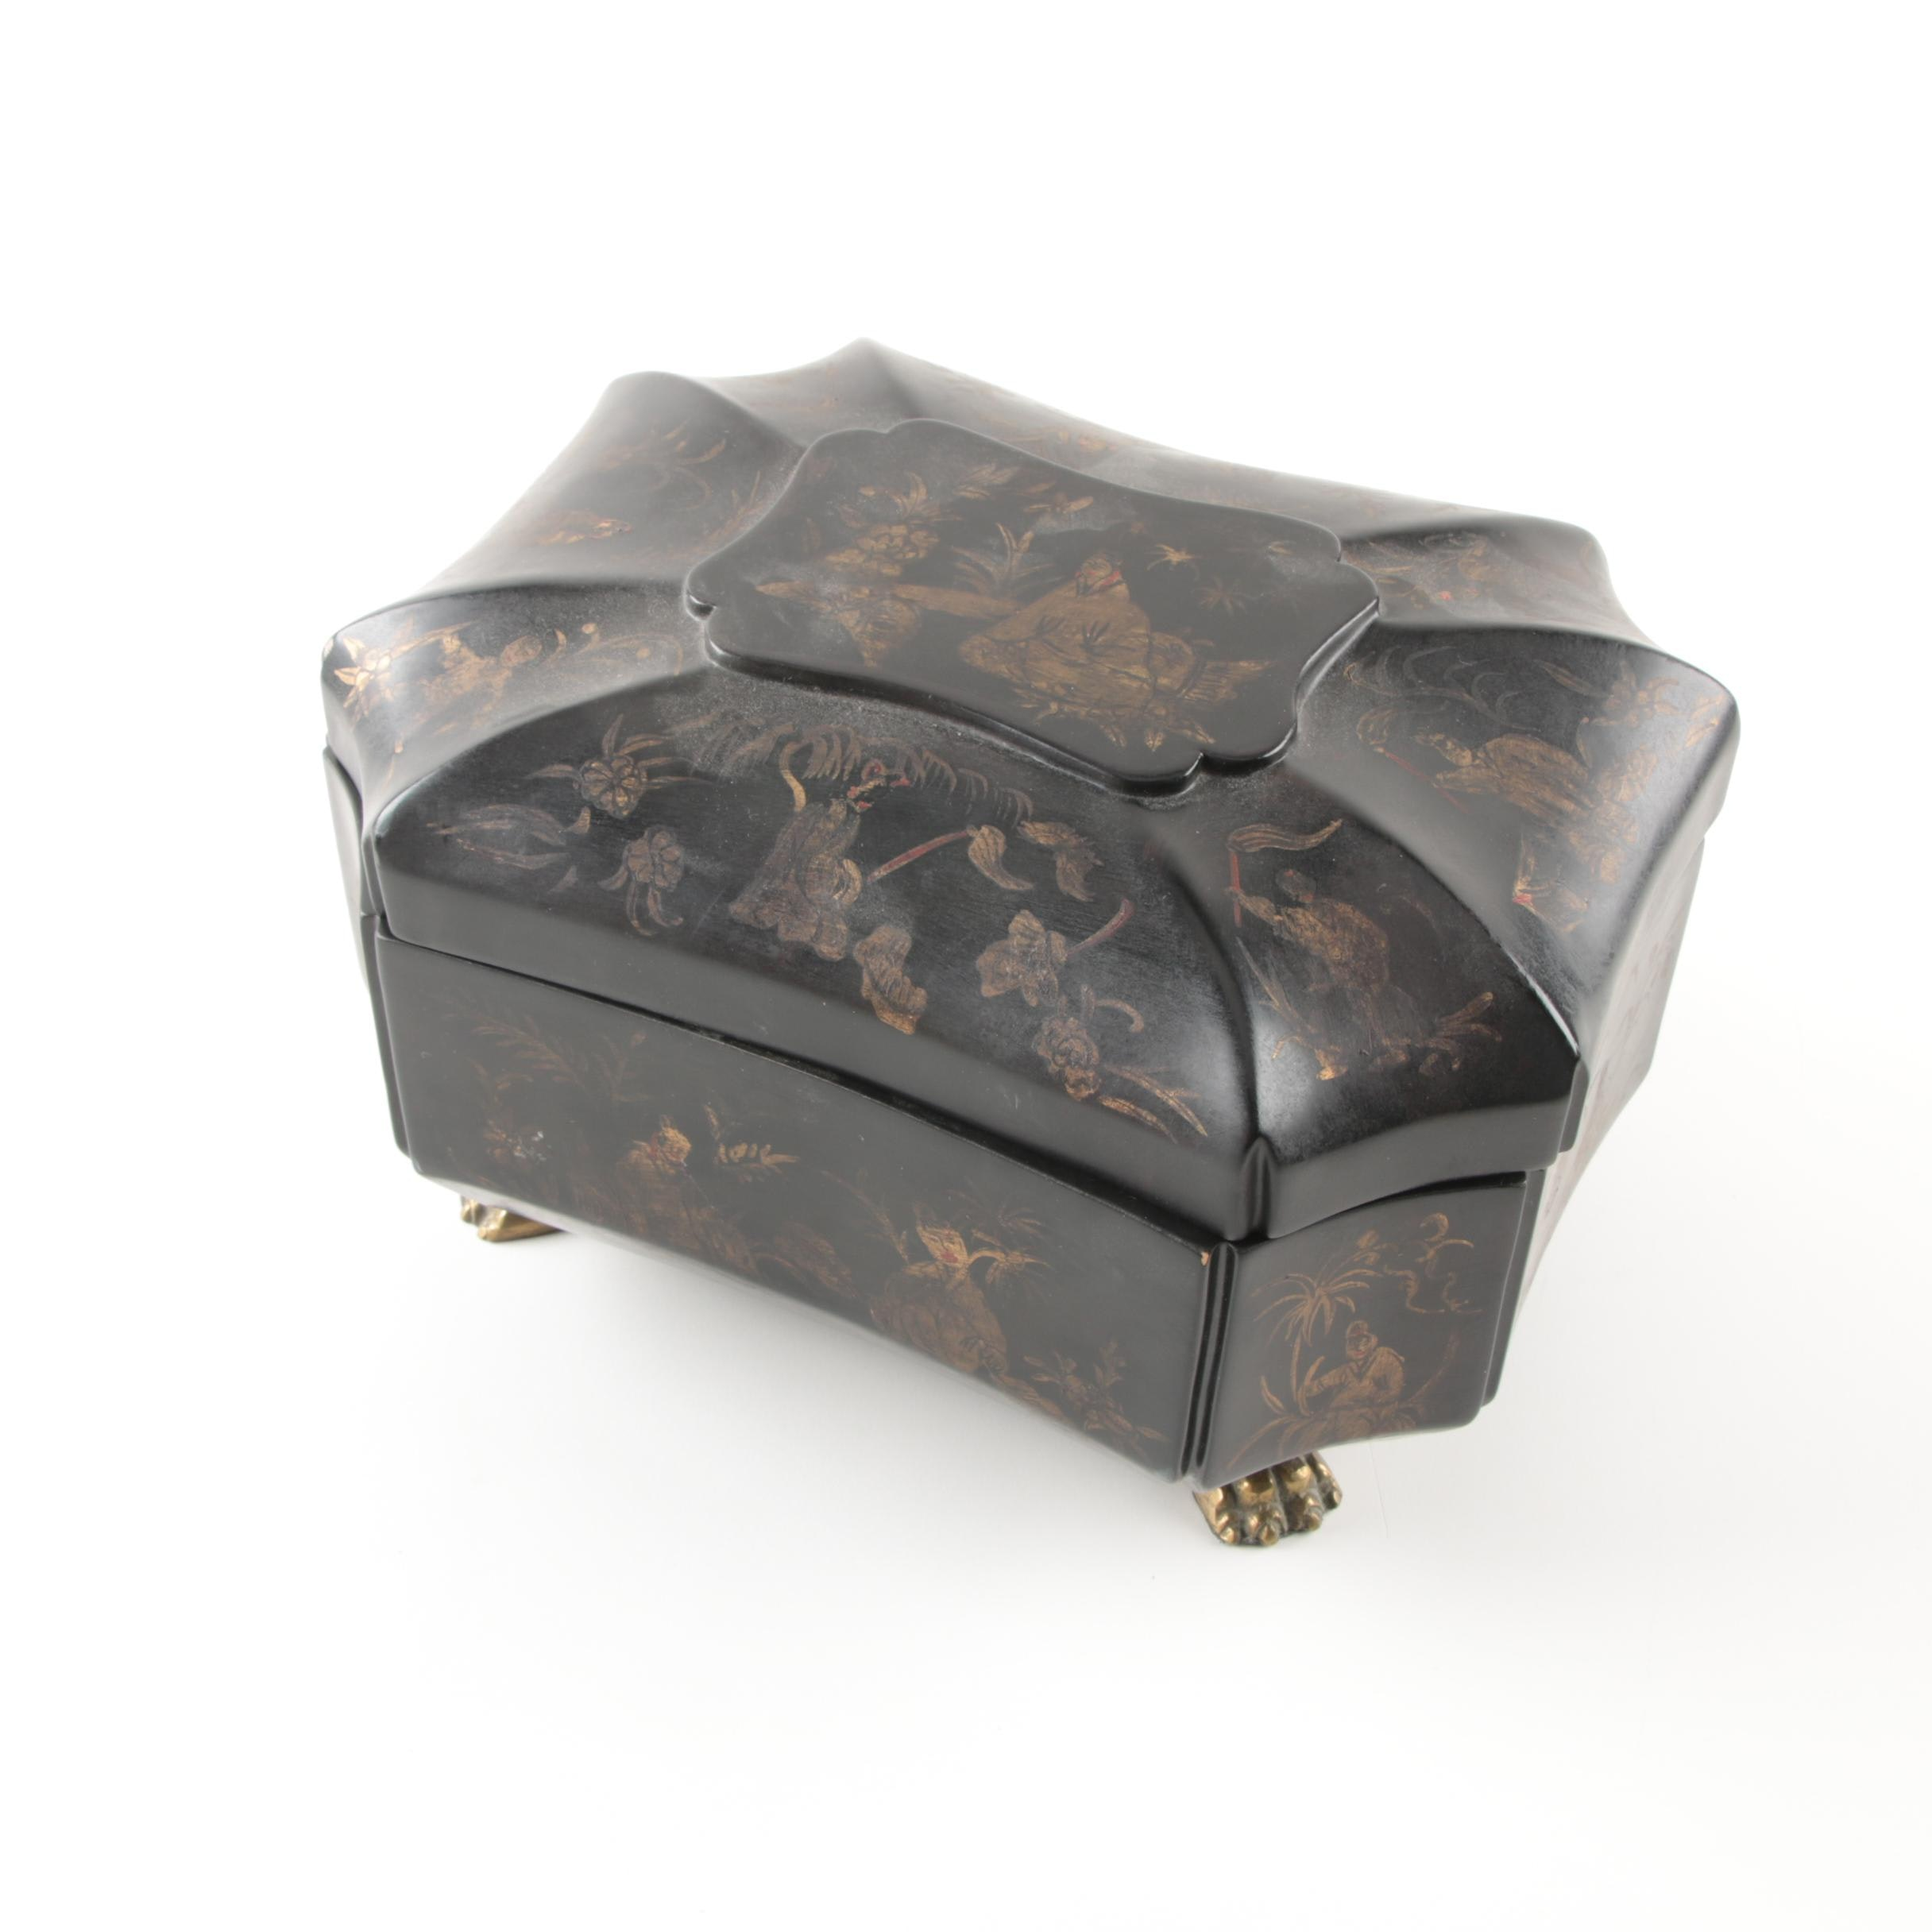 Wood Trinket Box with Claw Feet